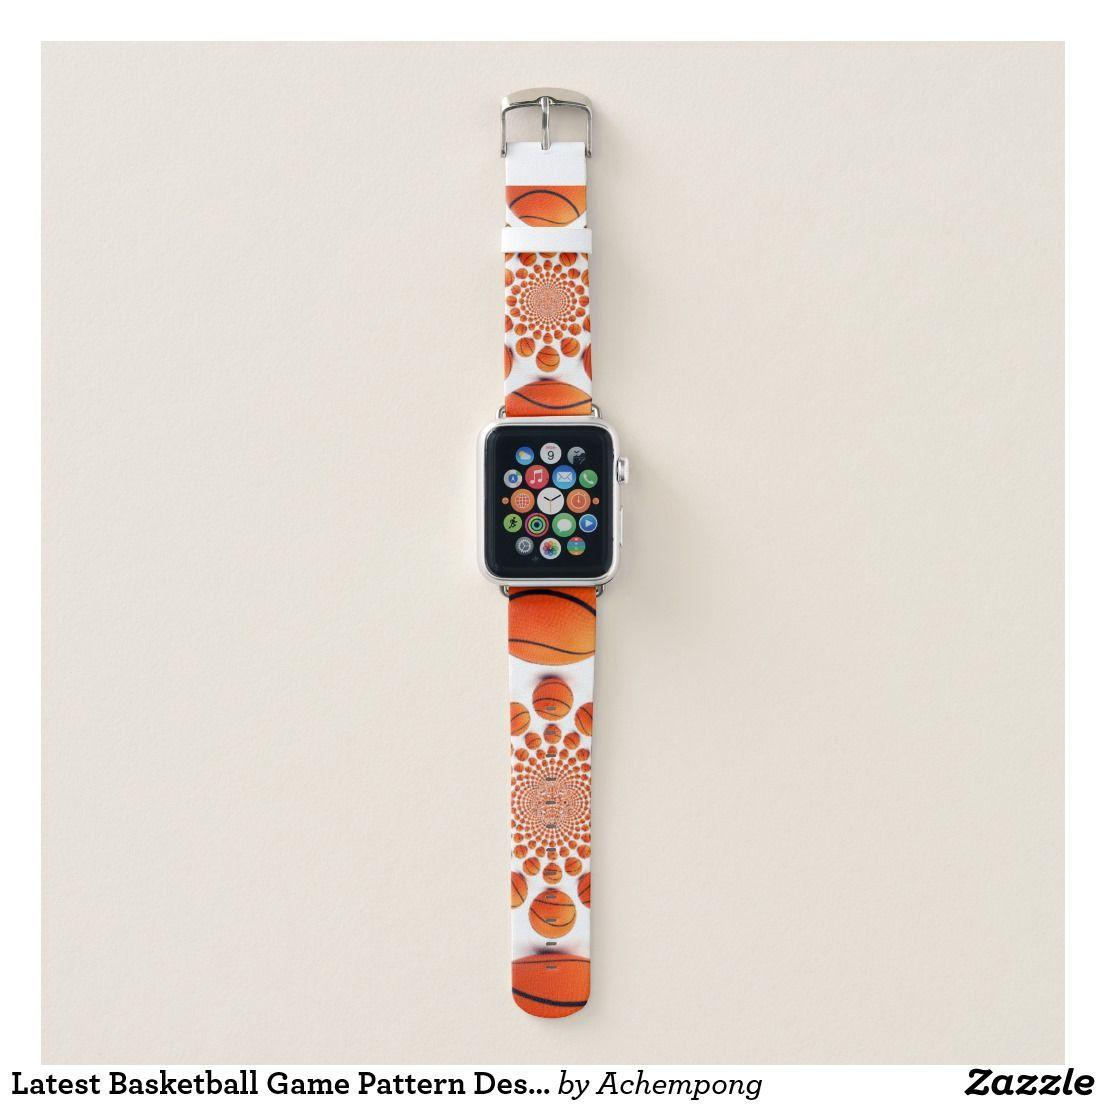 Latest Basketball Game Pattern Design Apple Watch Band Zazzle